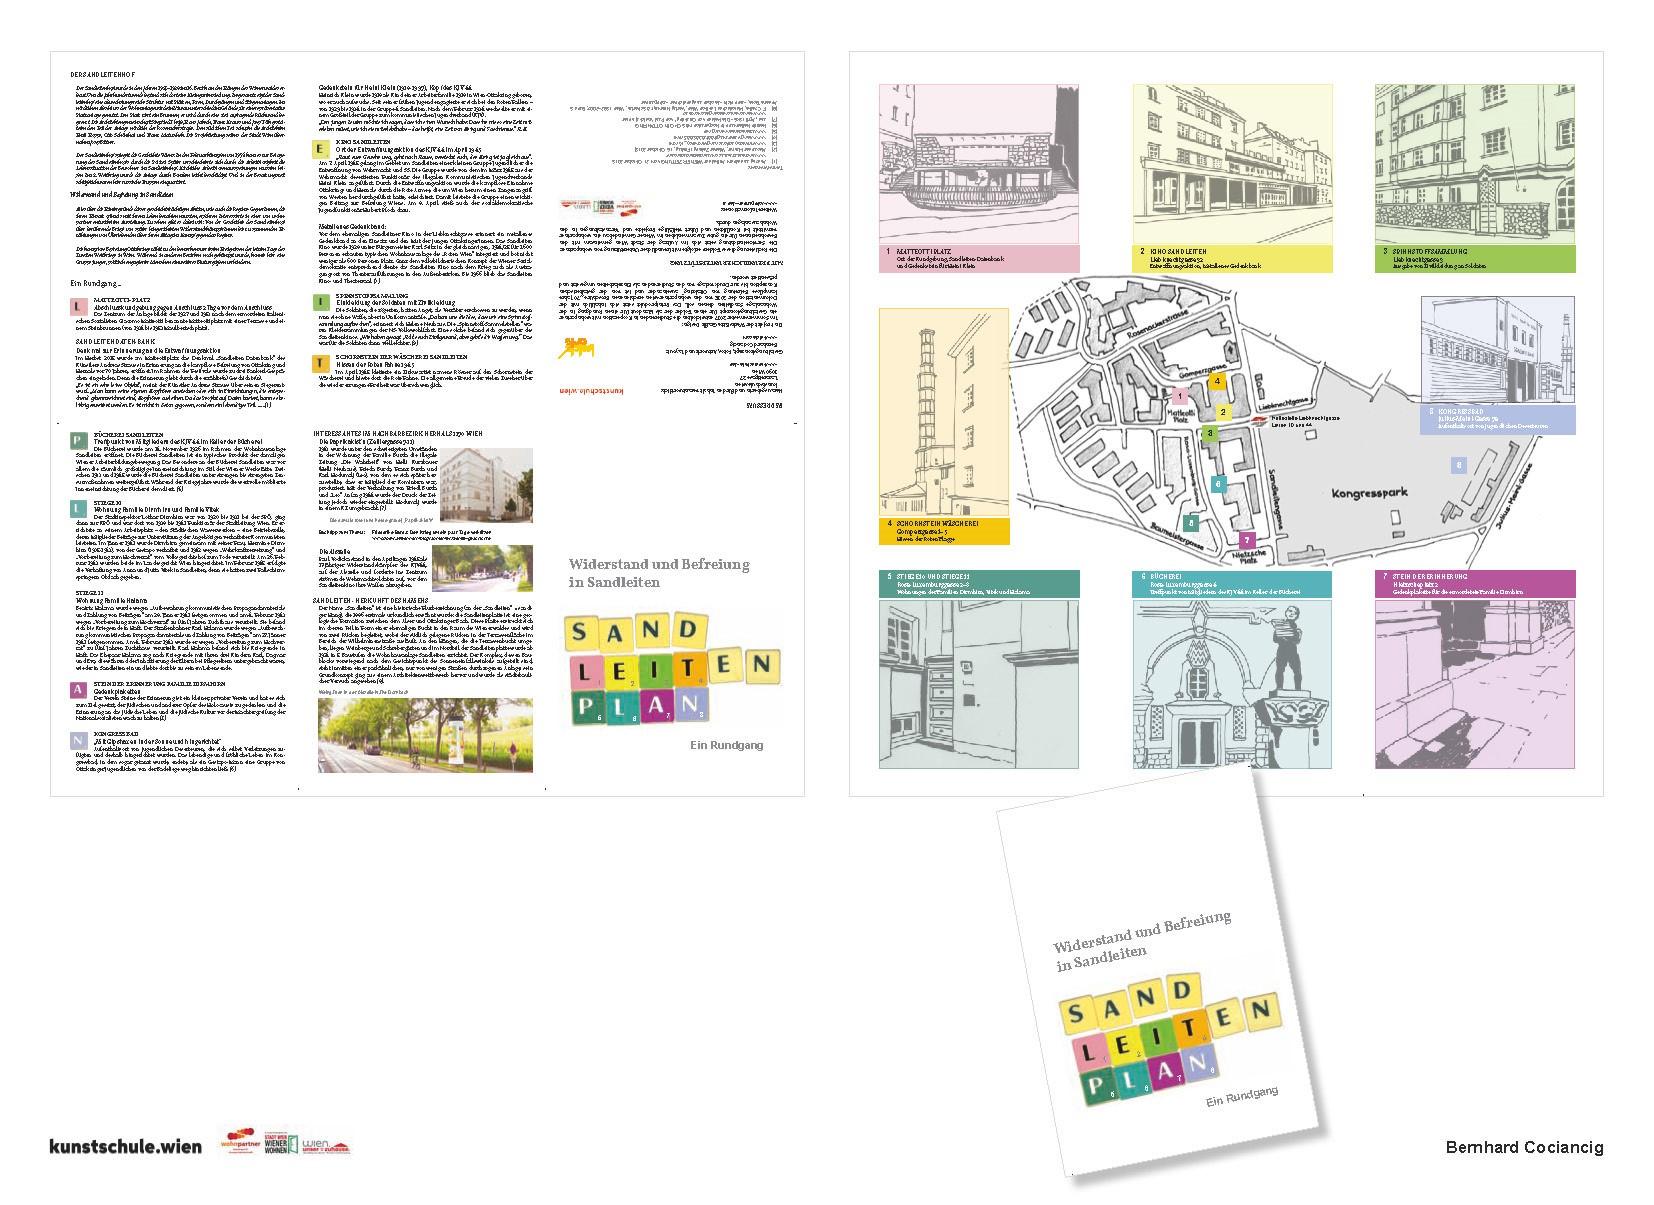 Vorkurs und diplomstudium kunst for Grafik praktikum wien